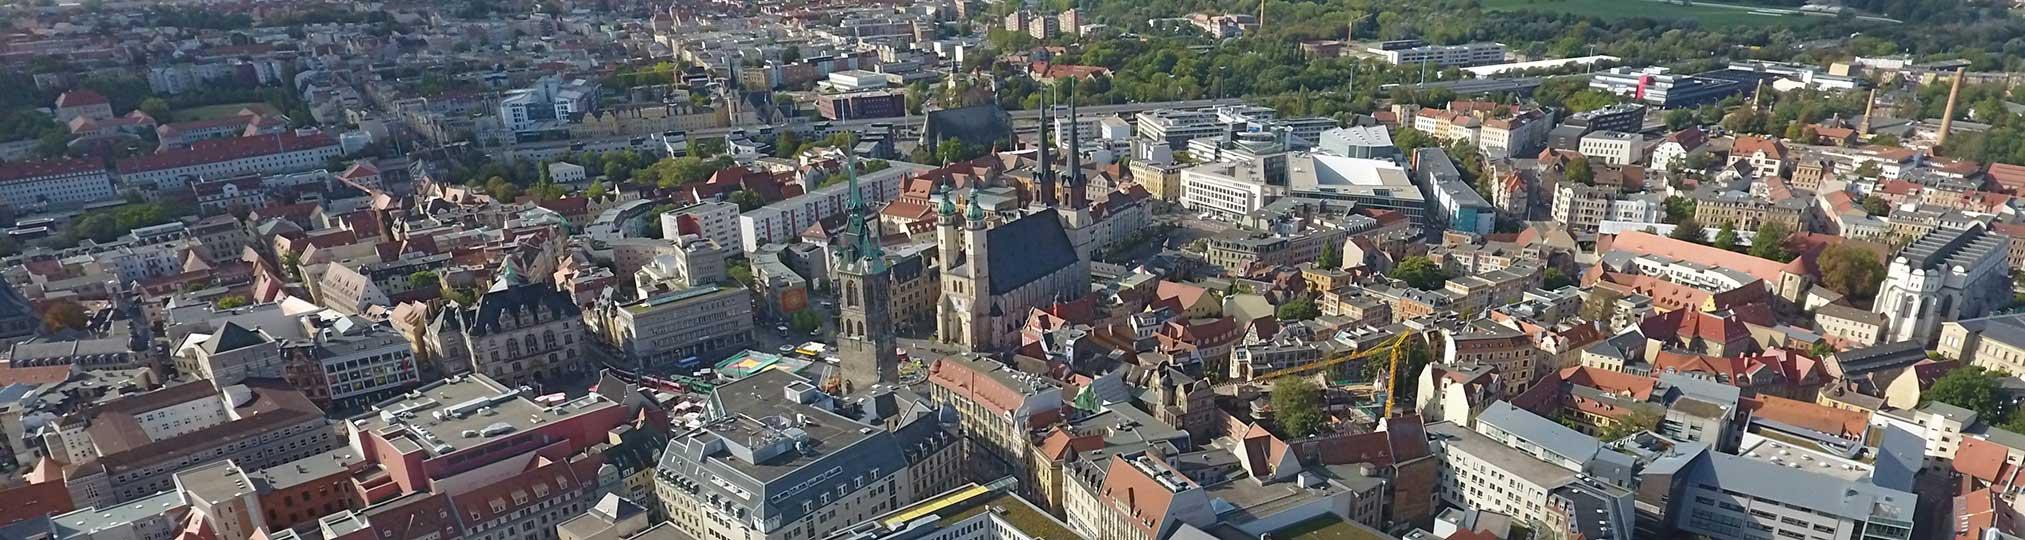 Stadtzentrum von Halle